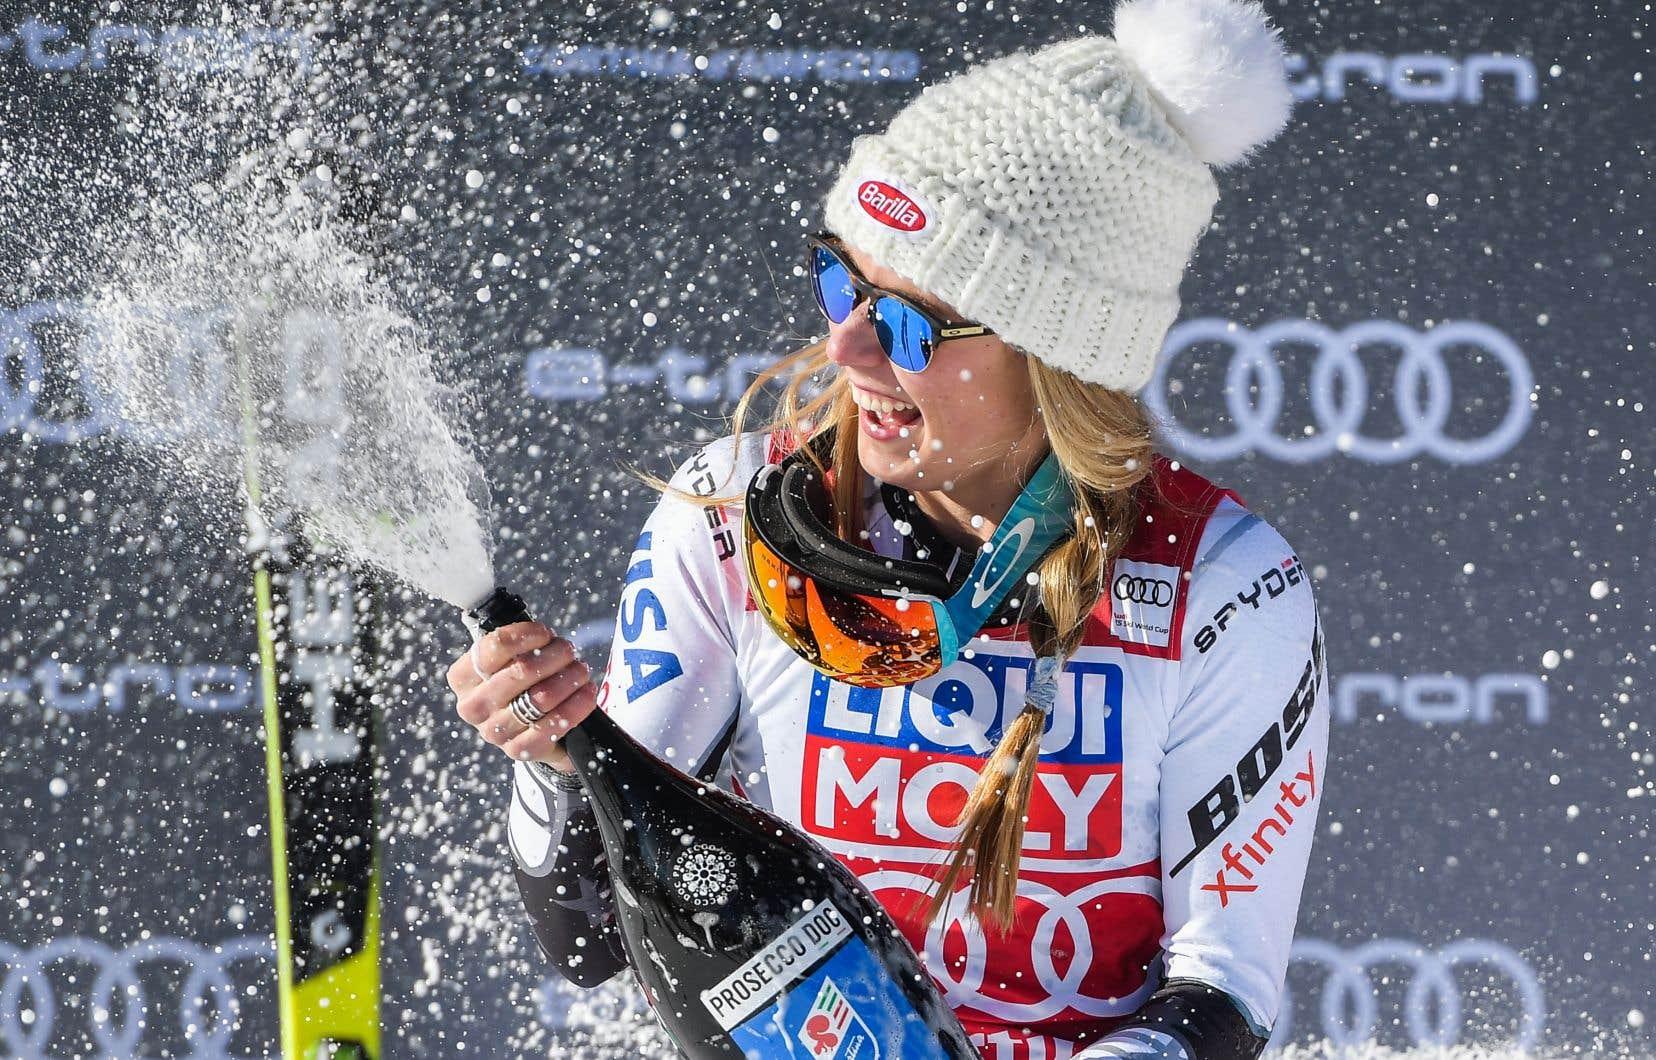 MikaelaShiffrin a terminé avec 0,16 seconde d'avance sur Tina Weirather, du Liechtenstein. L'Autrichienne Tamara Tippler a terminé troisième, à 0,18 seconde.